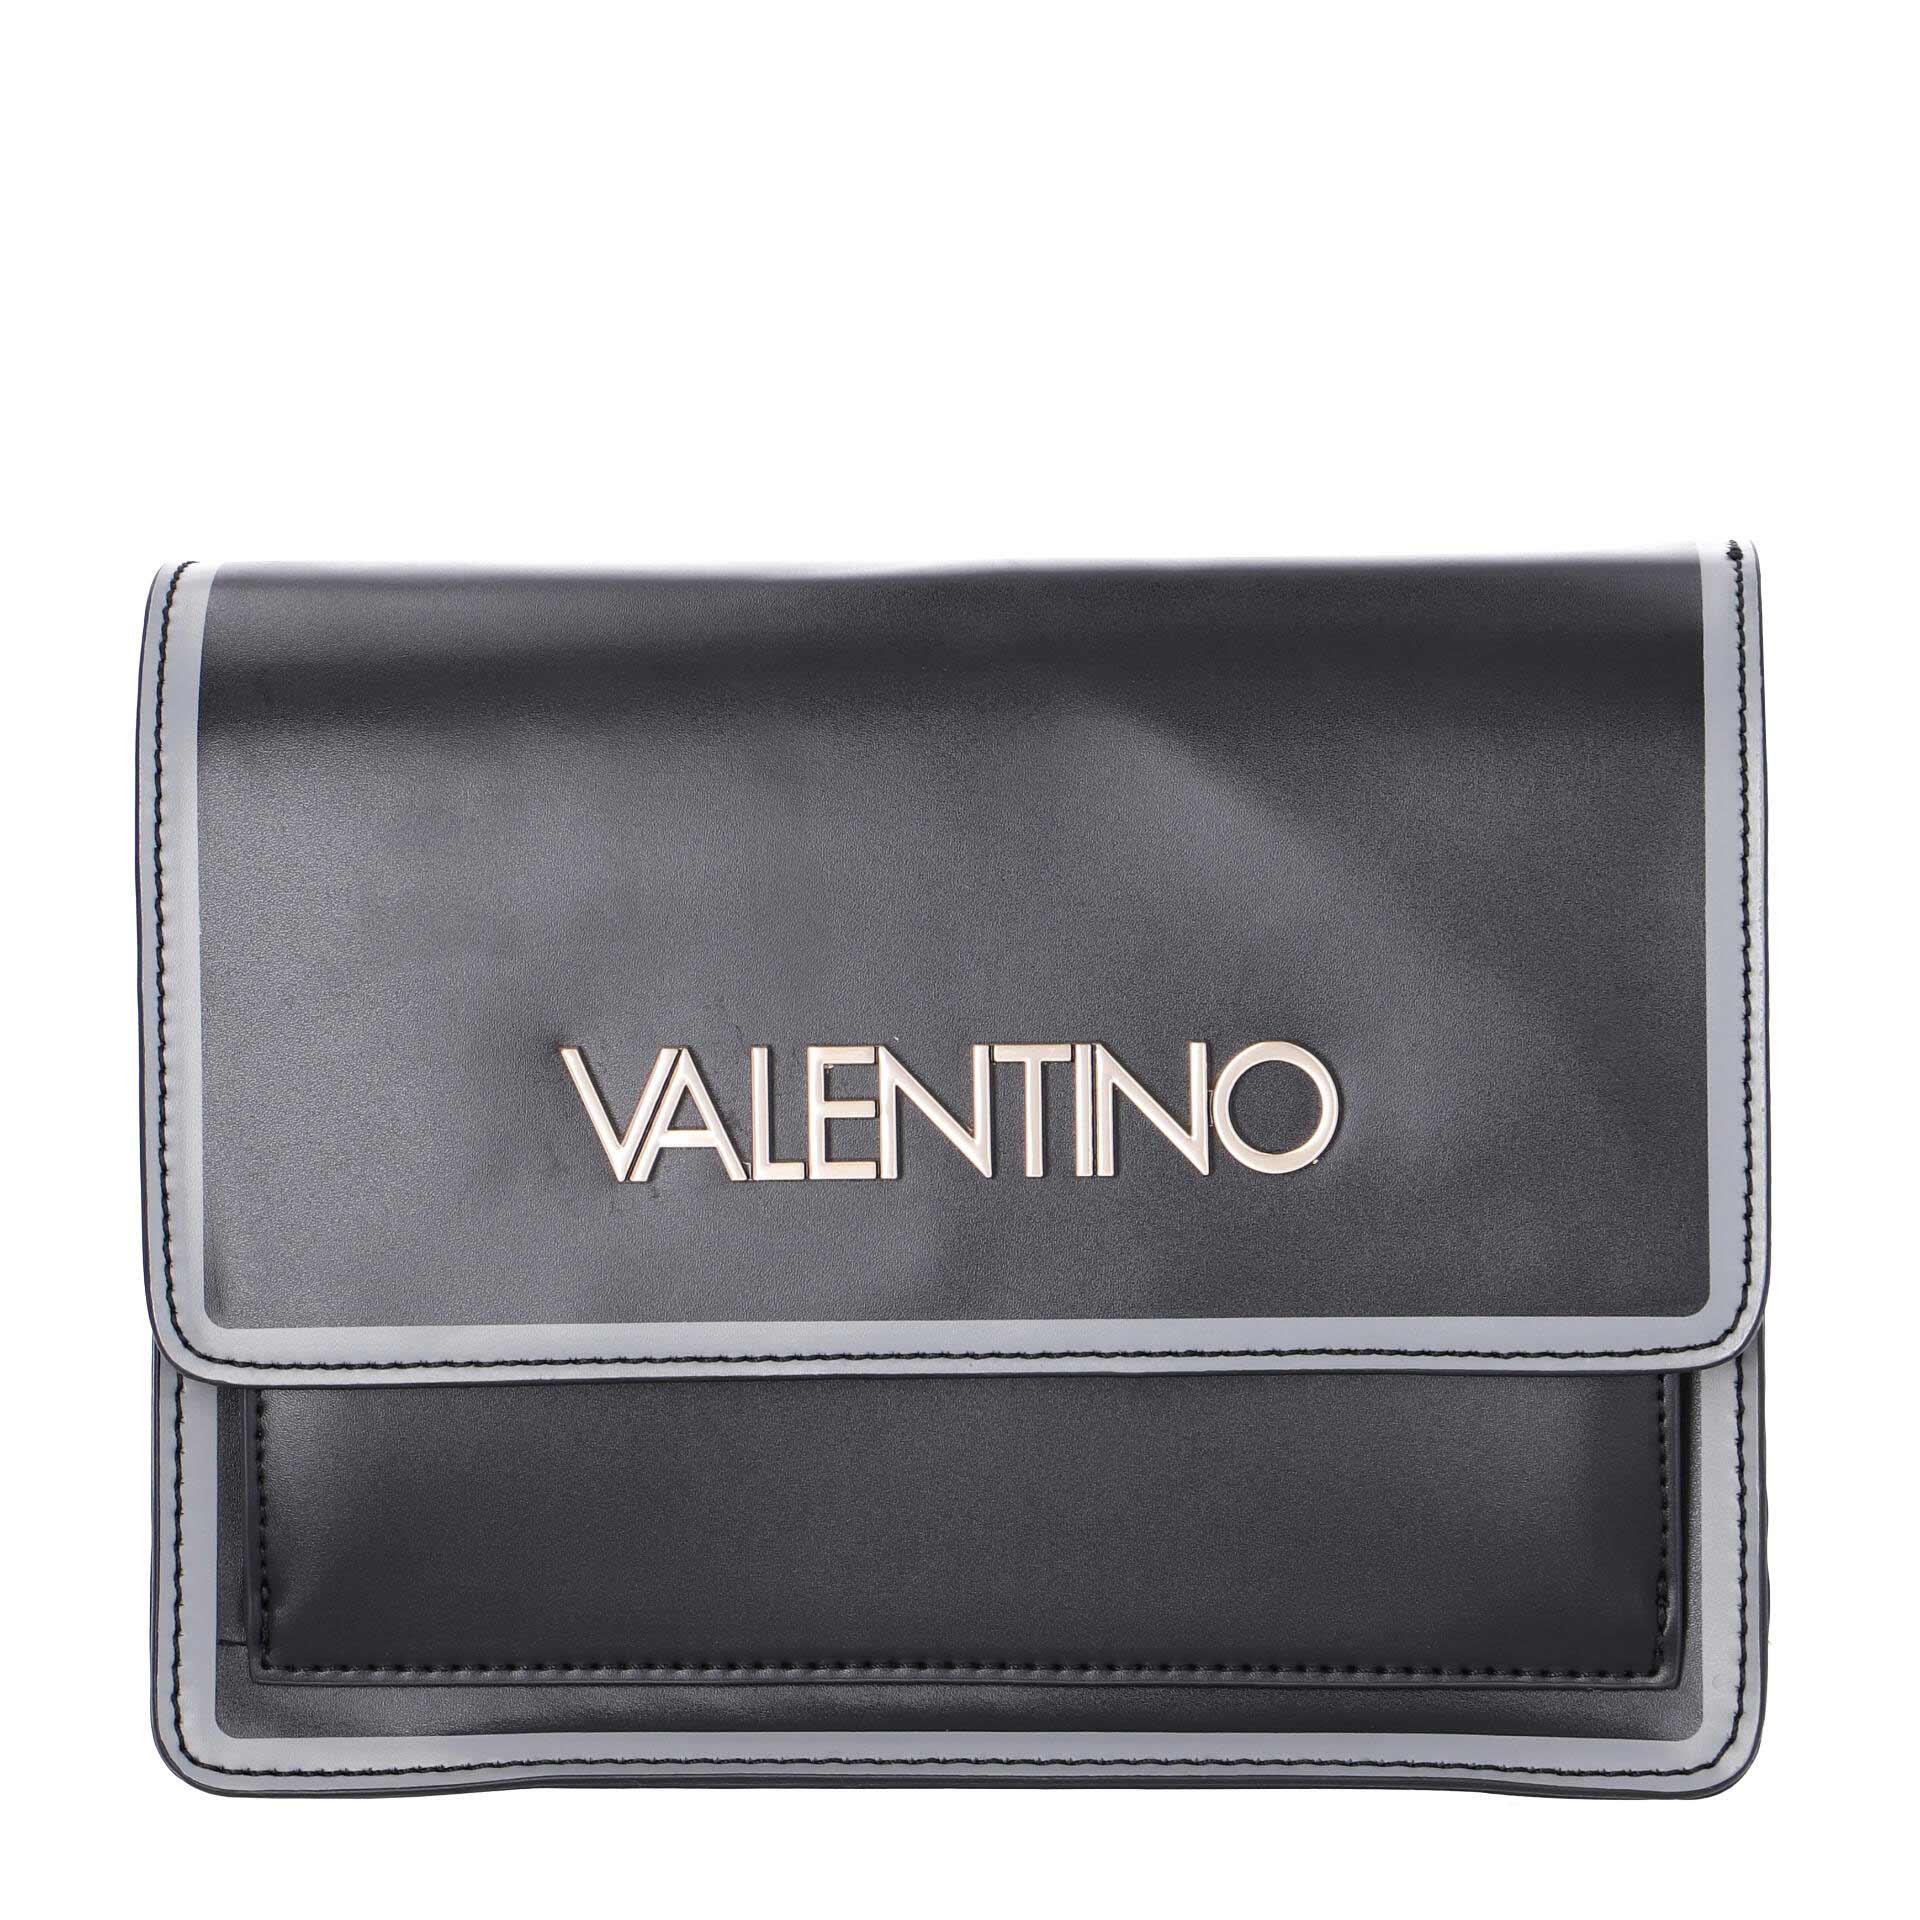 Valentino by Mario Valentino Mayor Umhängetasche nero grigio